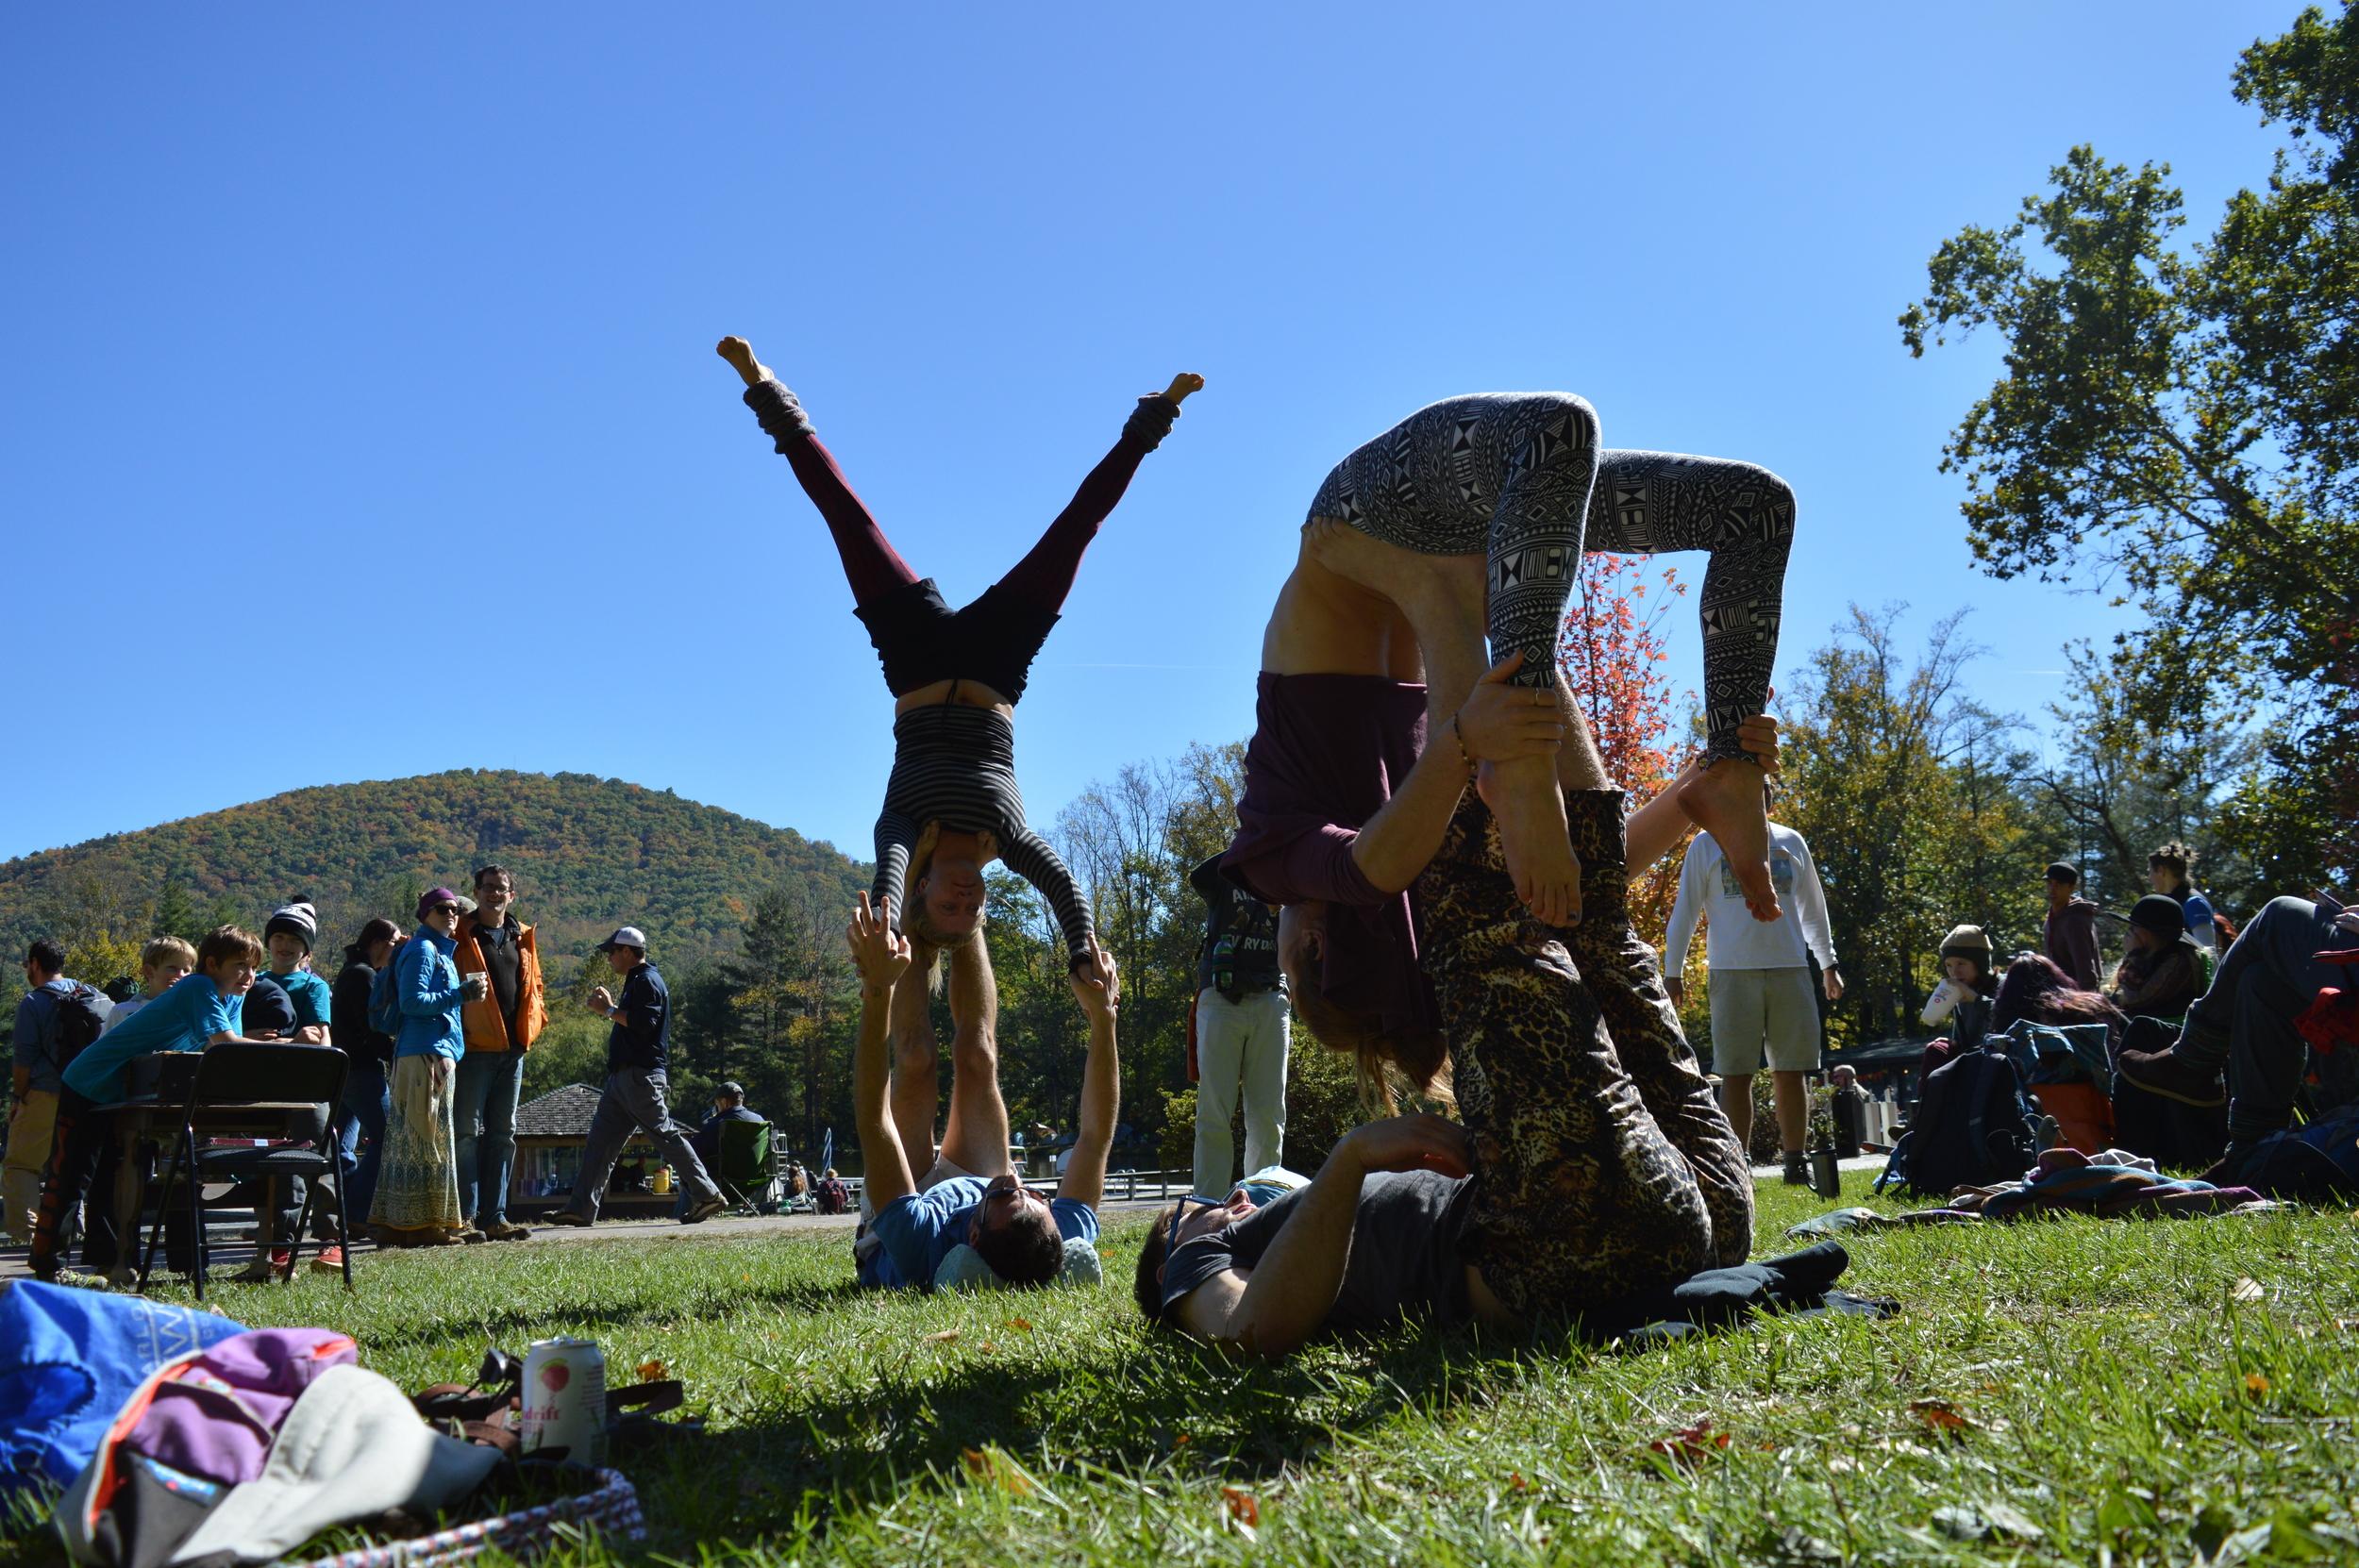 More acro yoga love